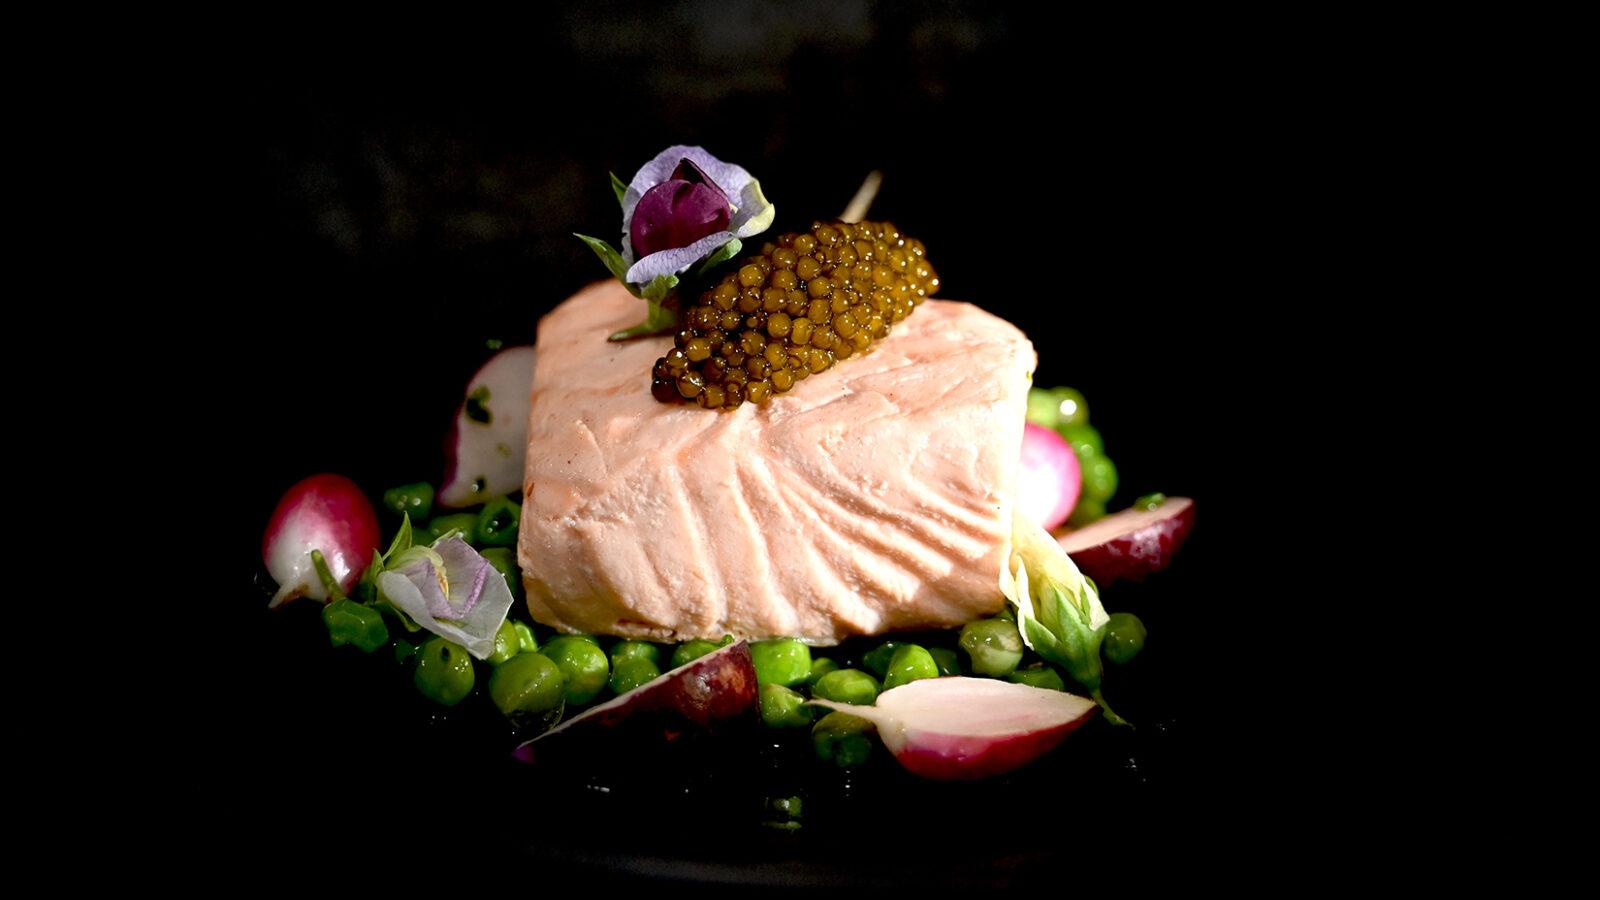 Salmon English Peas, Radish, Osetra Caviar 16x9 LowRes